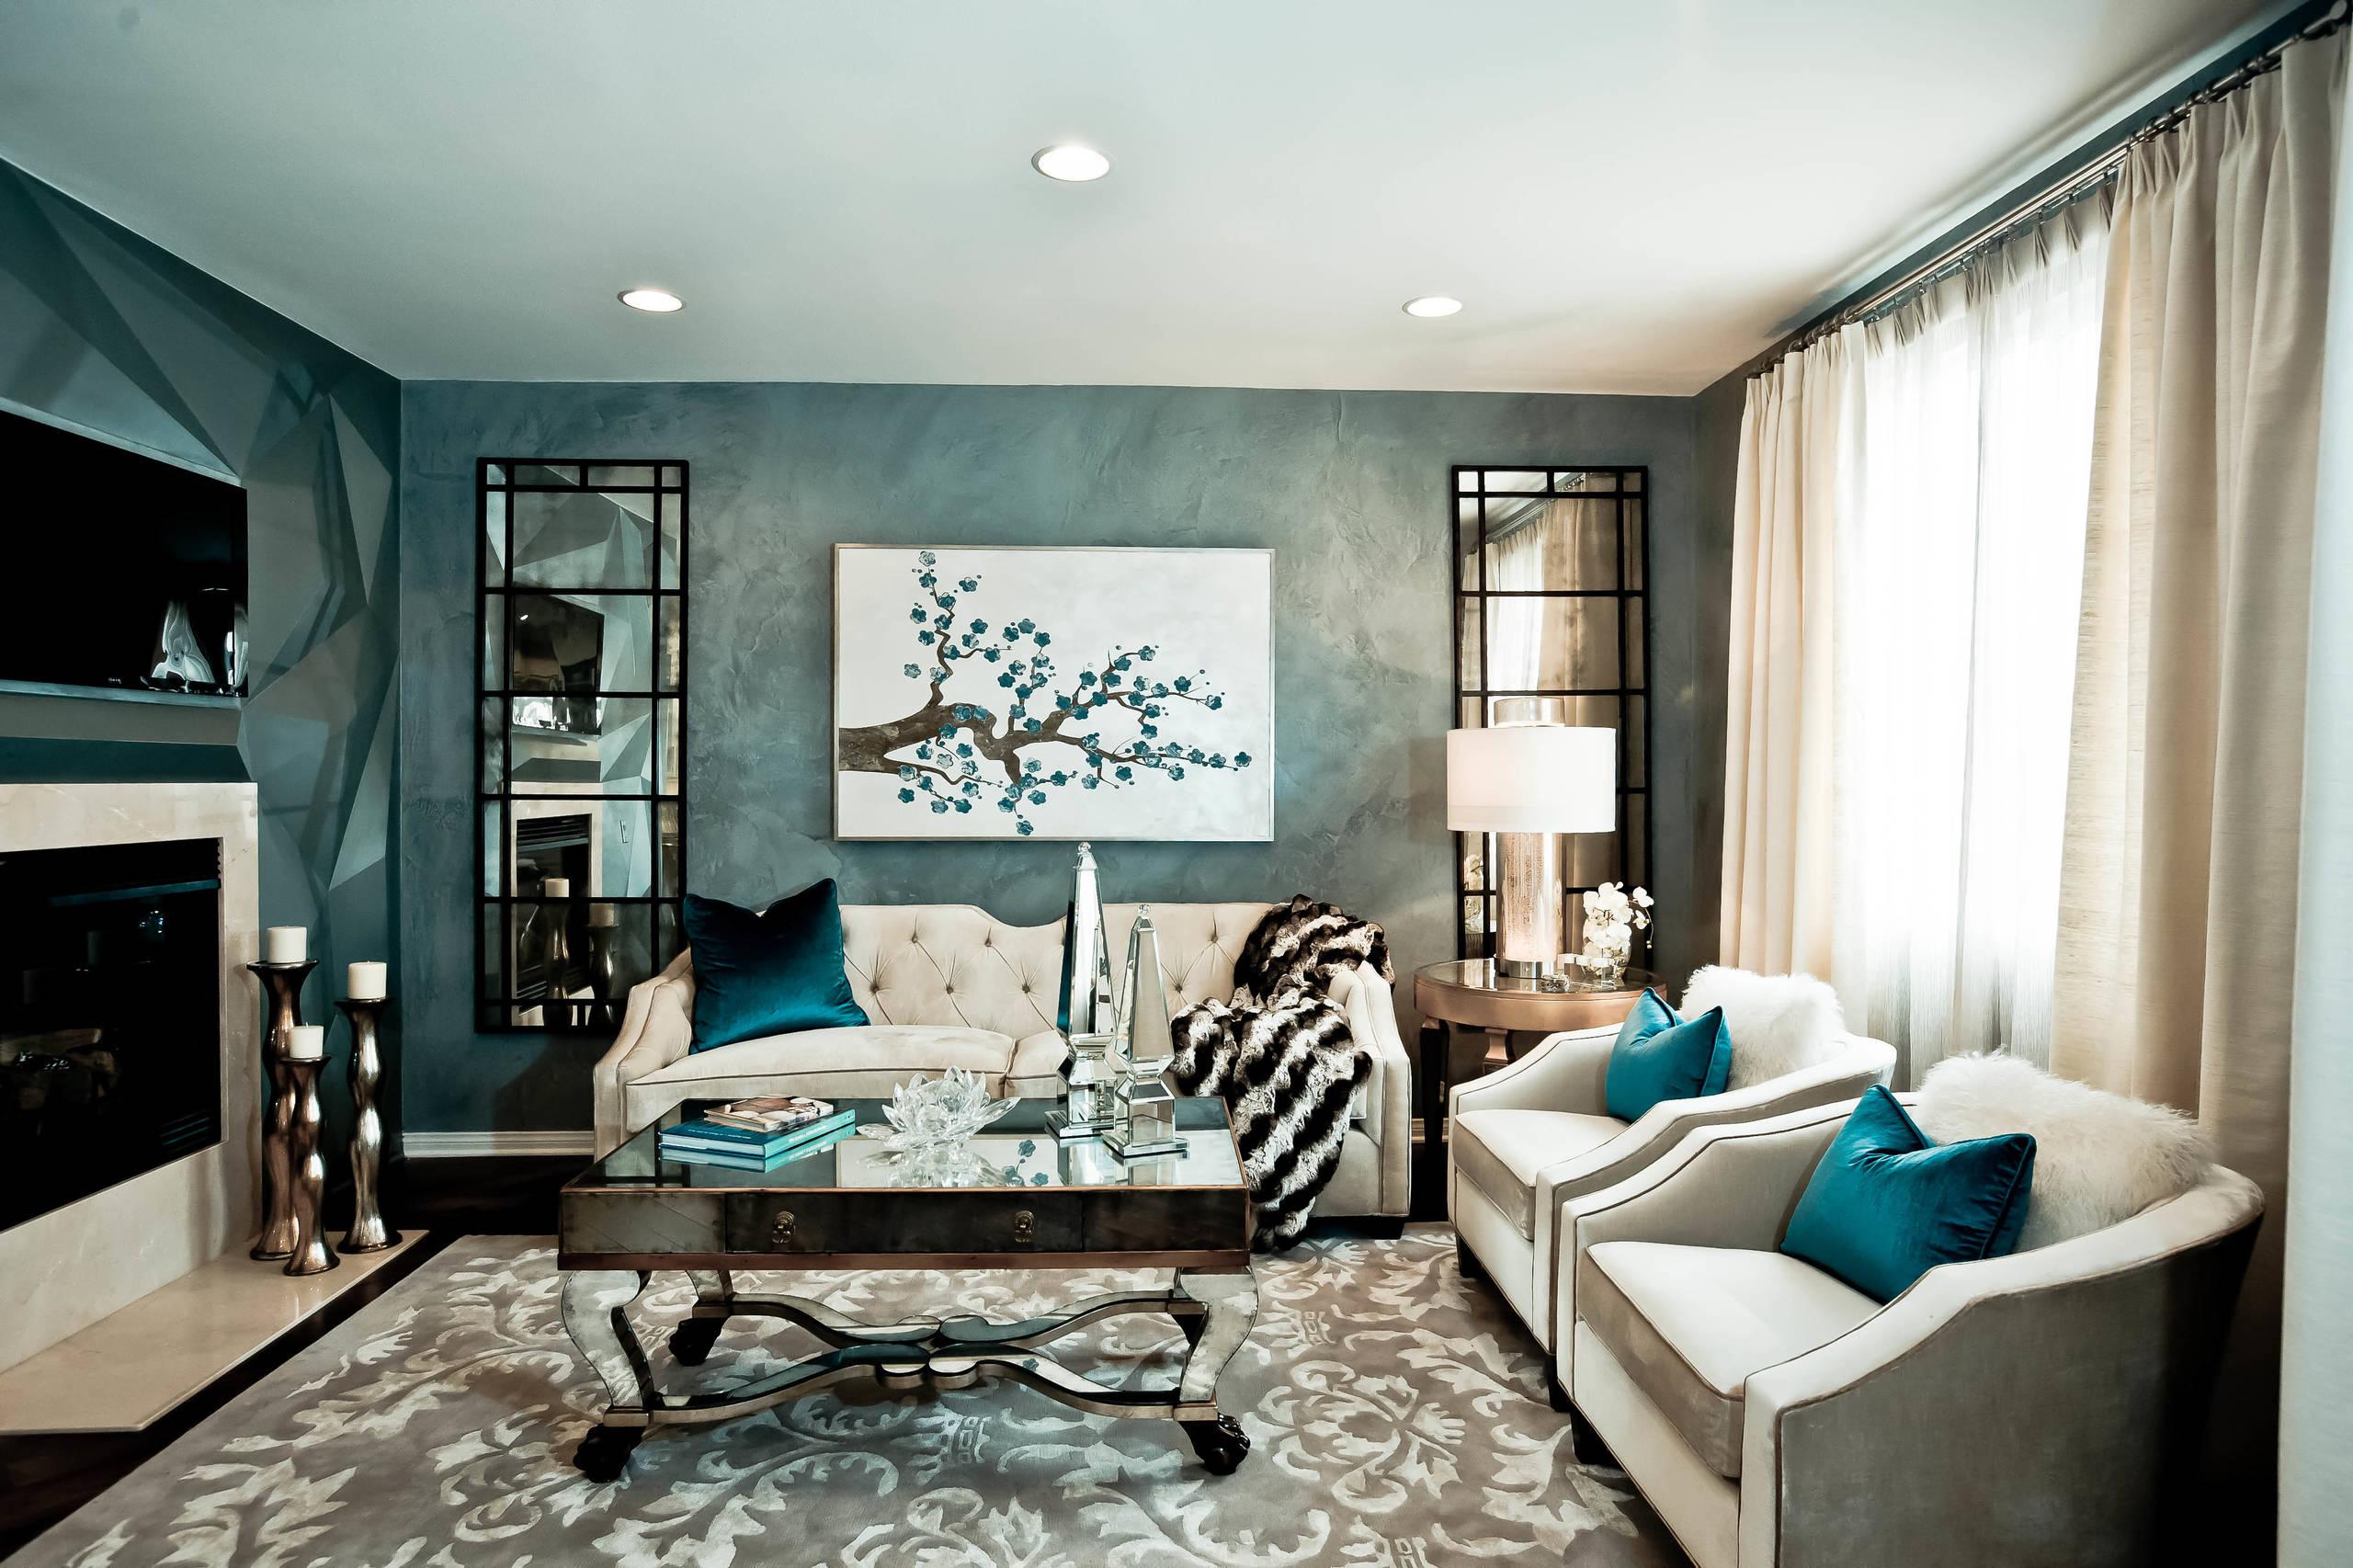 Décoration murale luxueuse dans un salon moderne